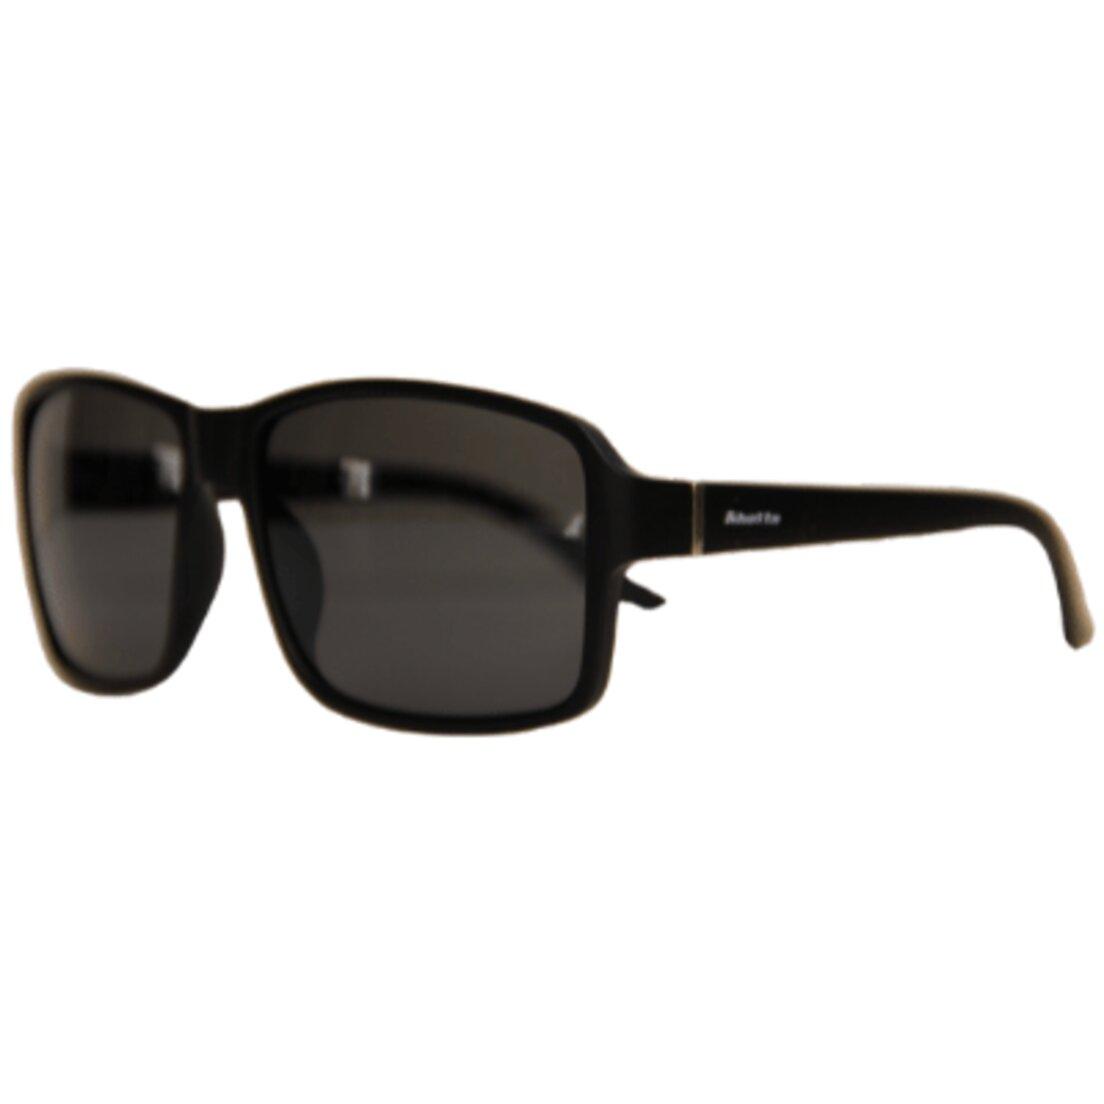 Óculos de Sol Khatto Square Geo Rounded Italiano - C050